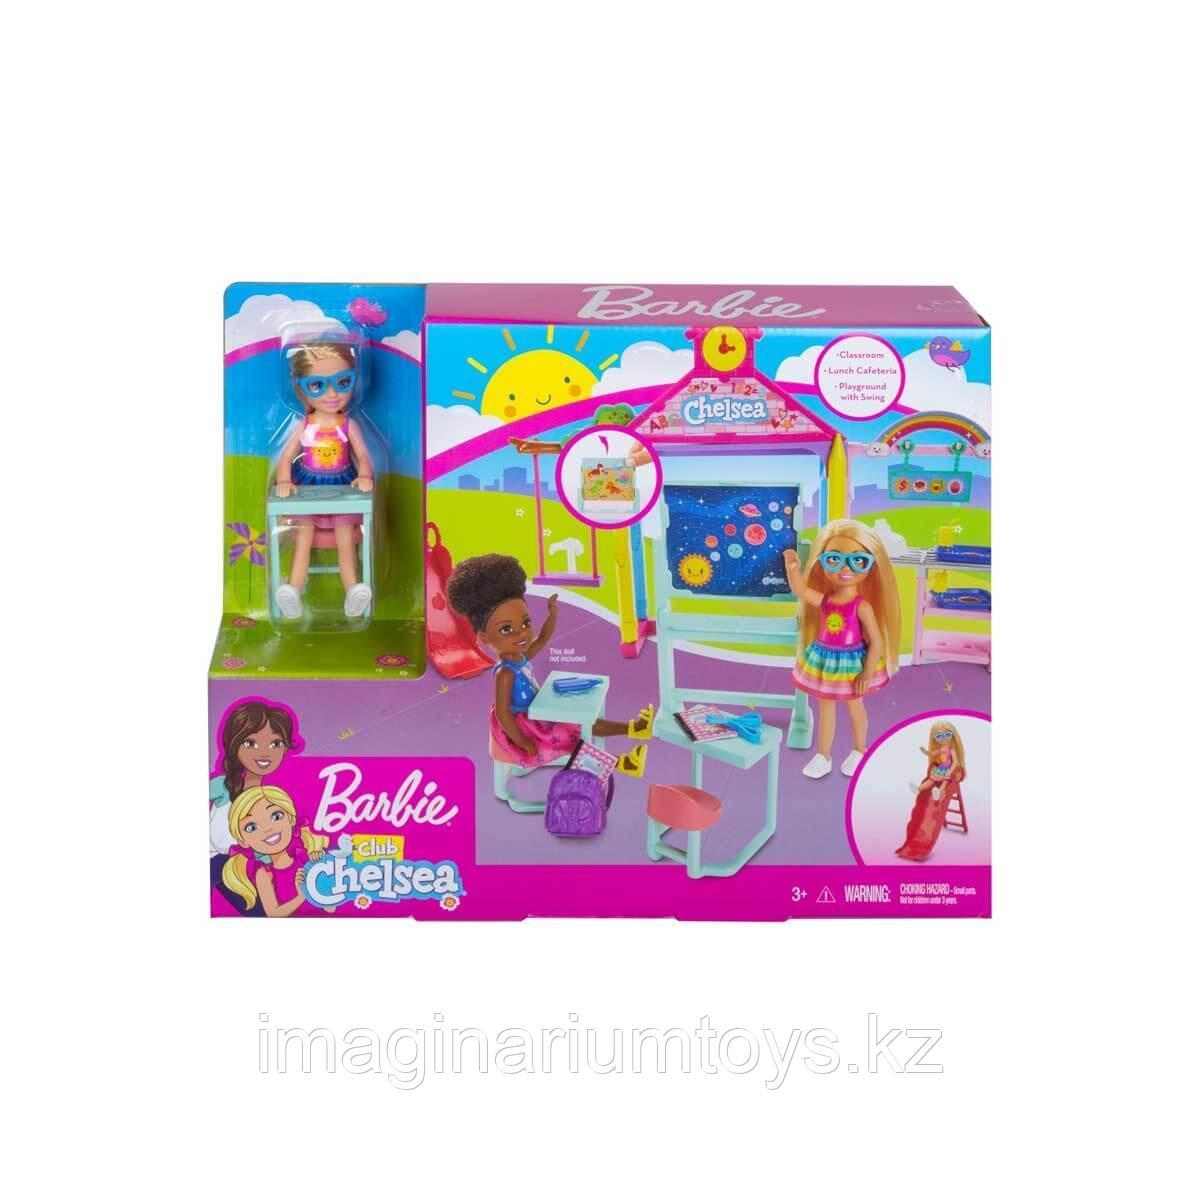 Mattel Barbie игровой набор Домик Челси в школе - фото 2